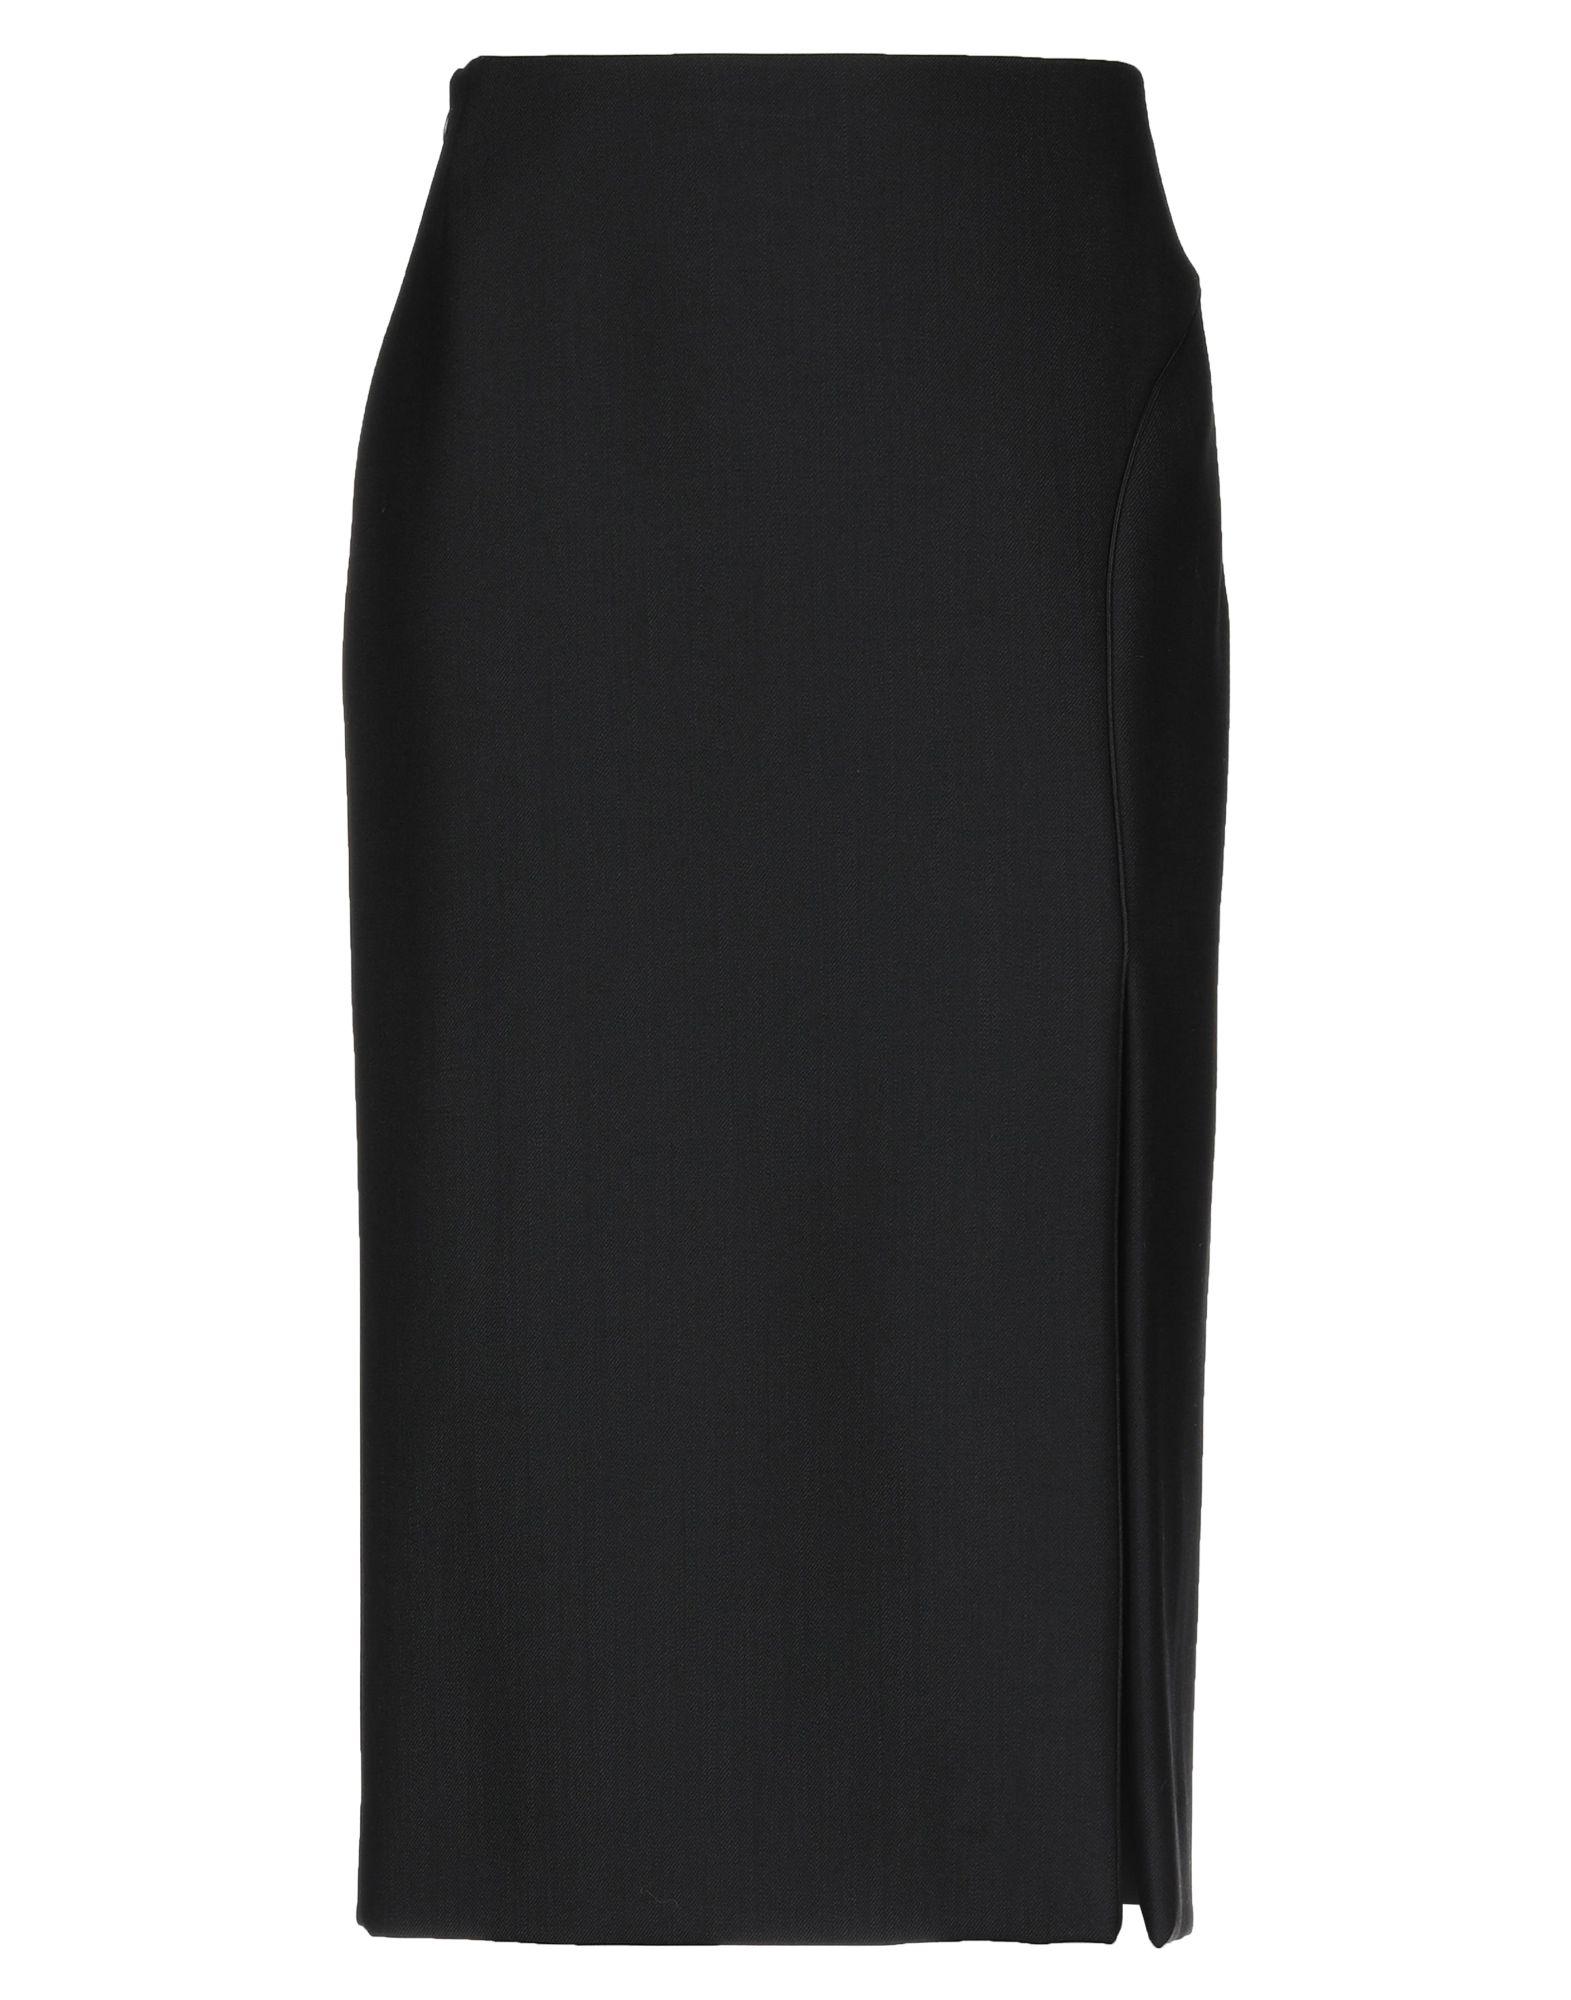 DRIES VAN NOTEN | DRIES VAN NOTEN 3/4 Length Skirts 35414743 | Goxip